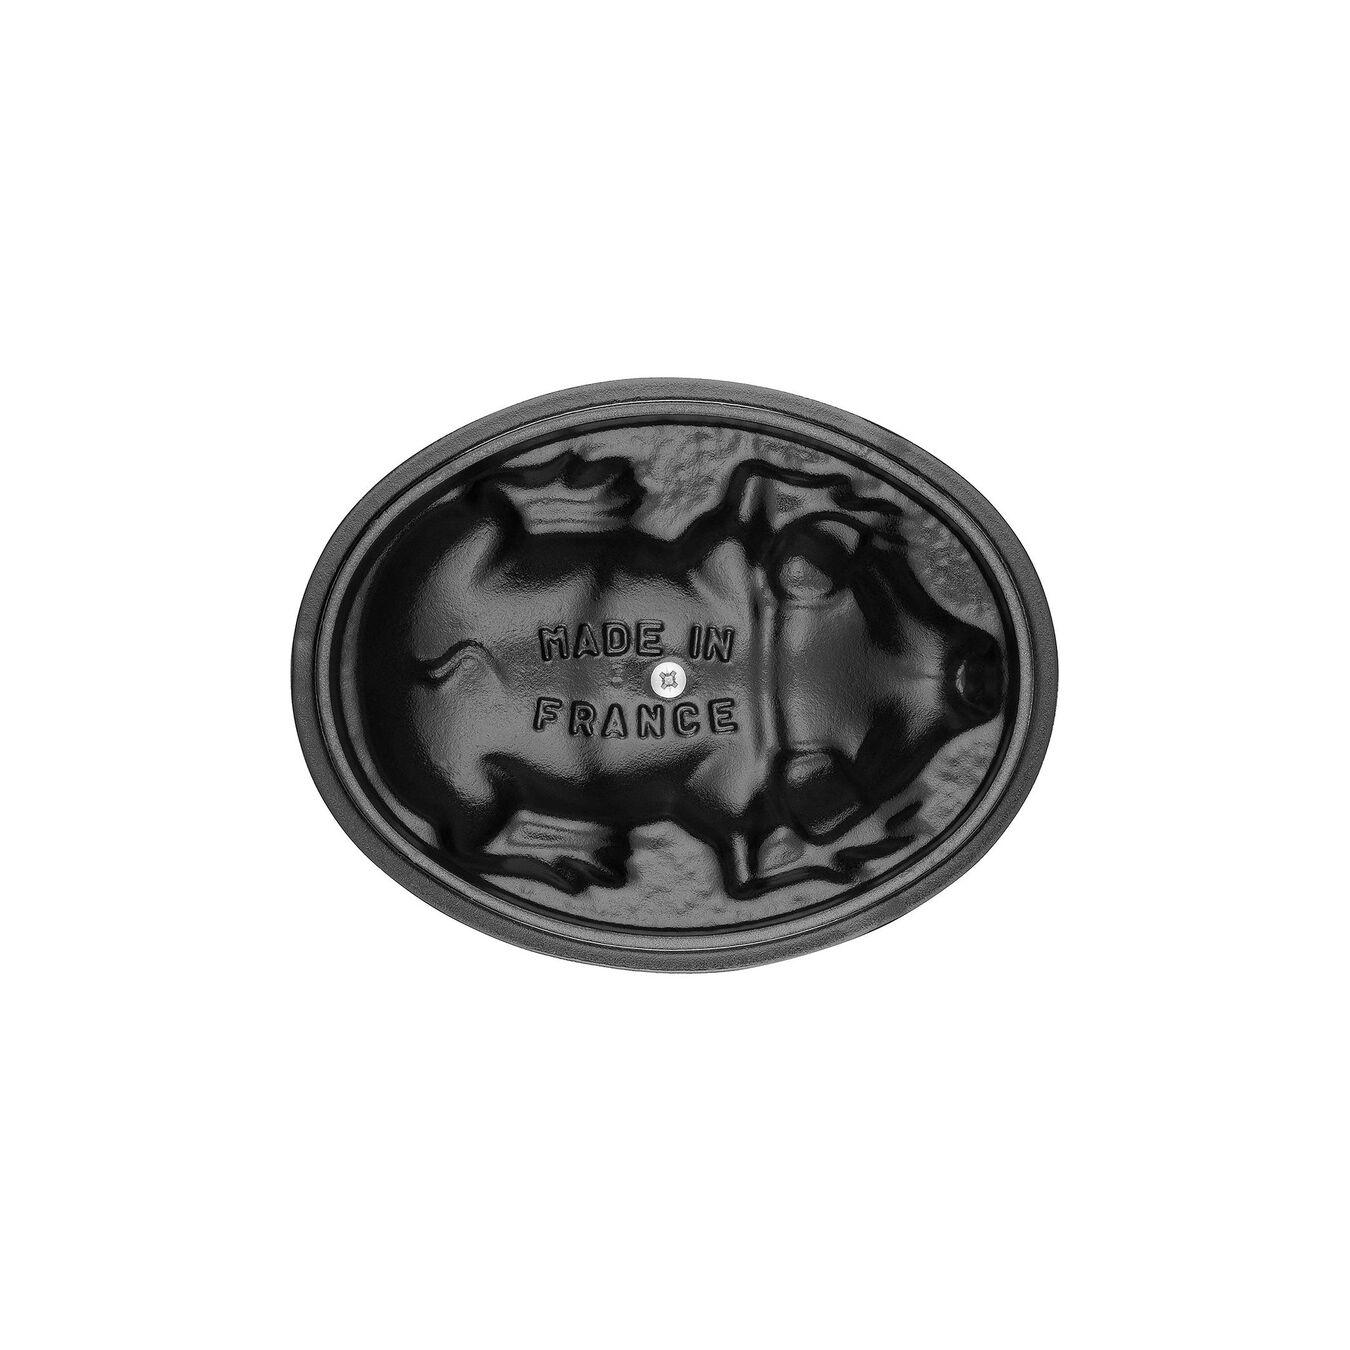 Cocotte 17 cm, Ovale, Gris graphite, Fonte,,large 2